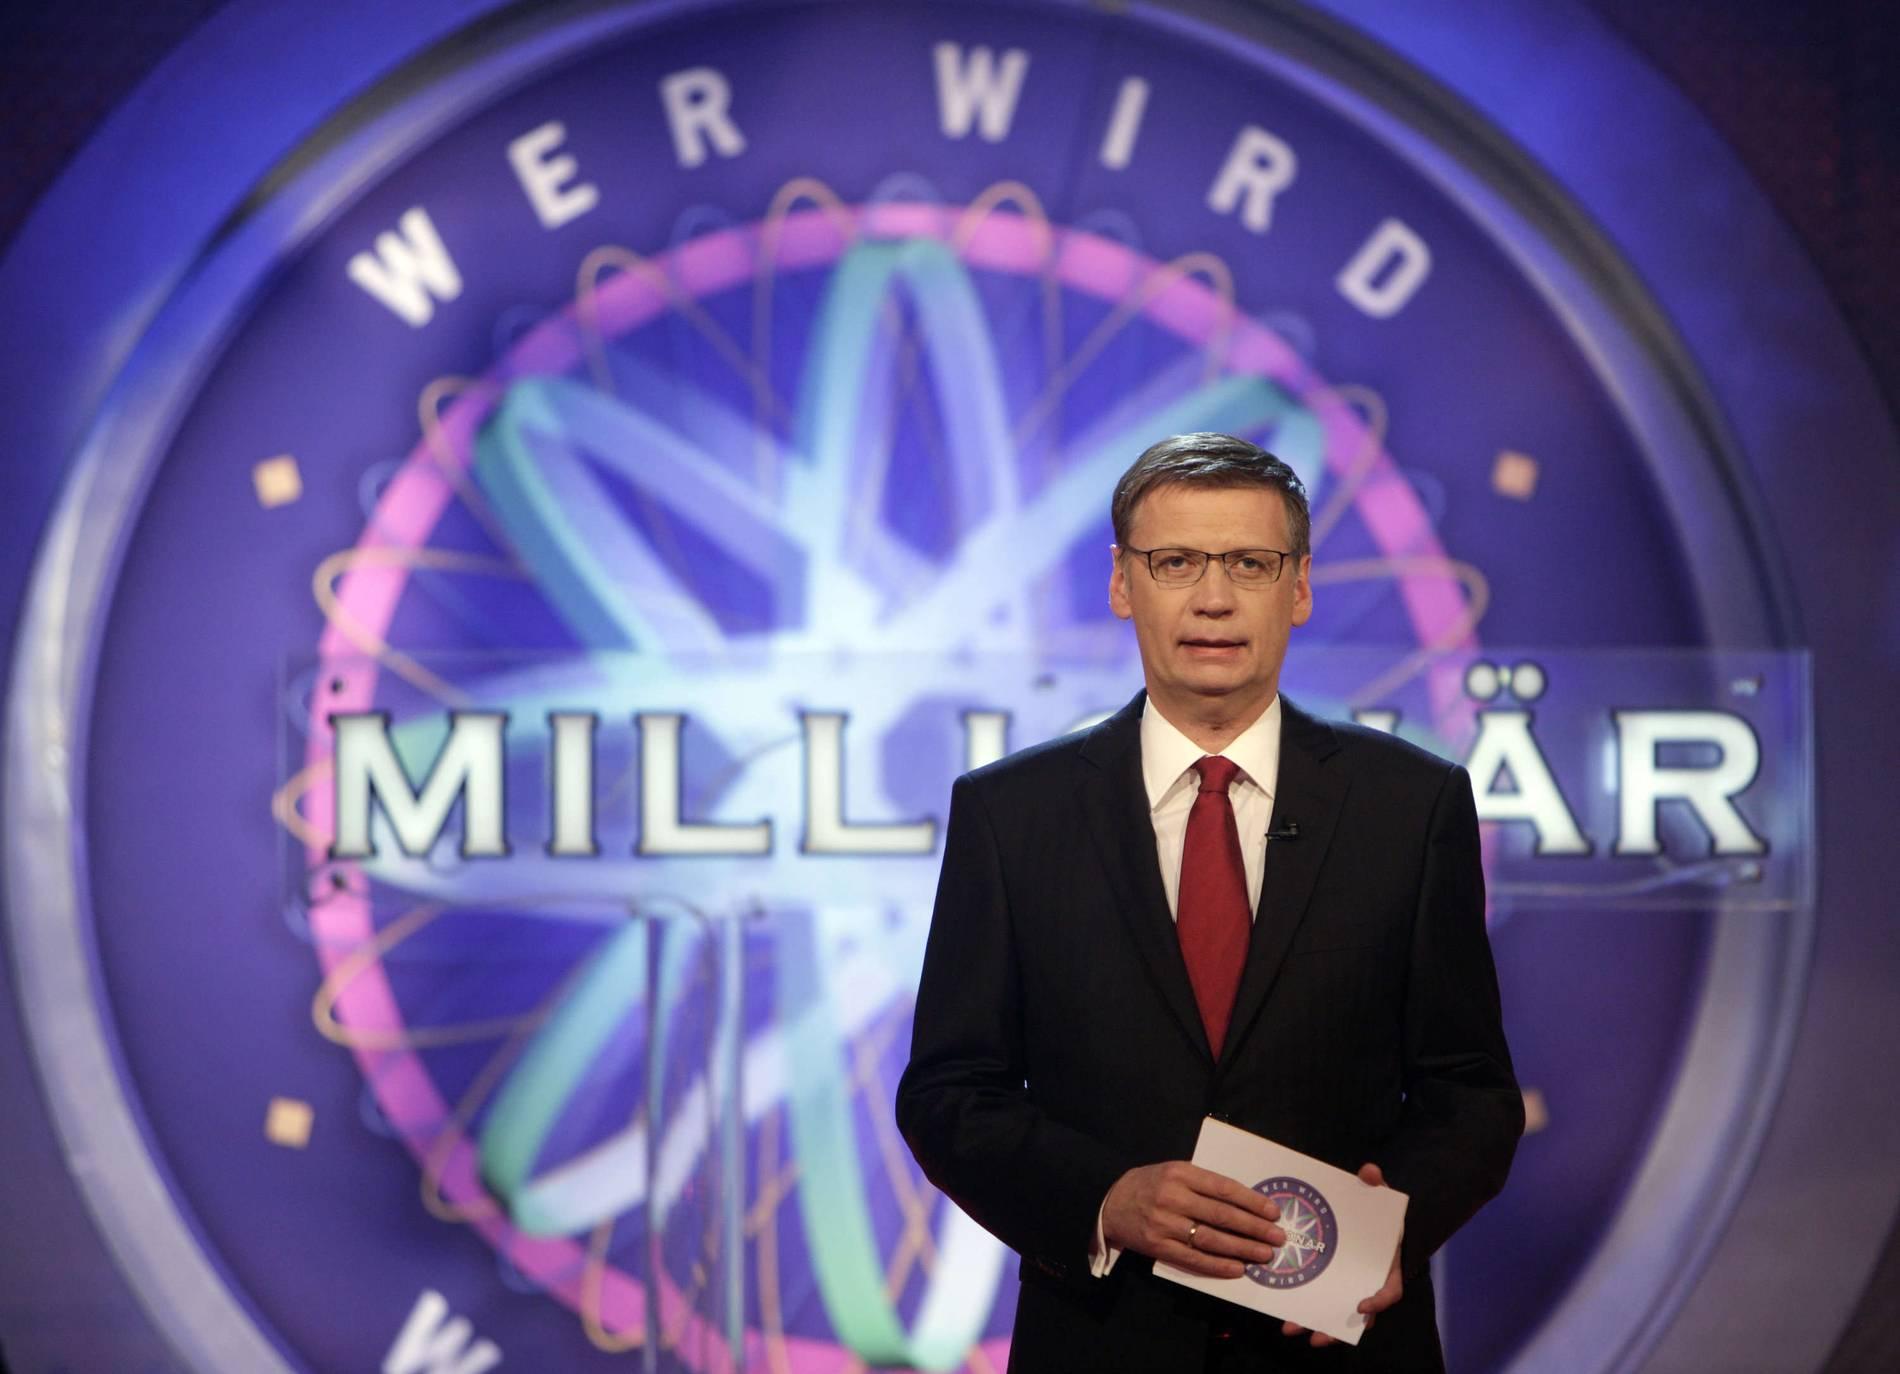 Wer wird Millionär? - Muss Günther Jauch zwei Millionen Euro auszahlen?